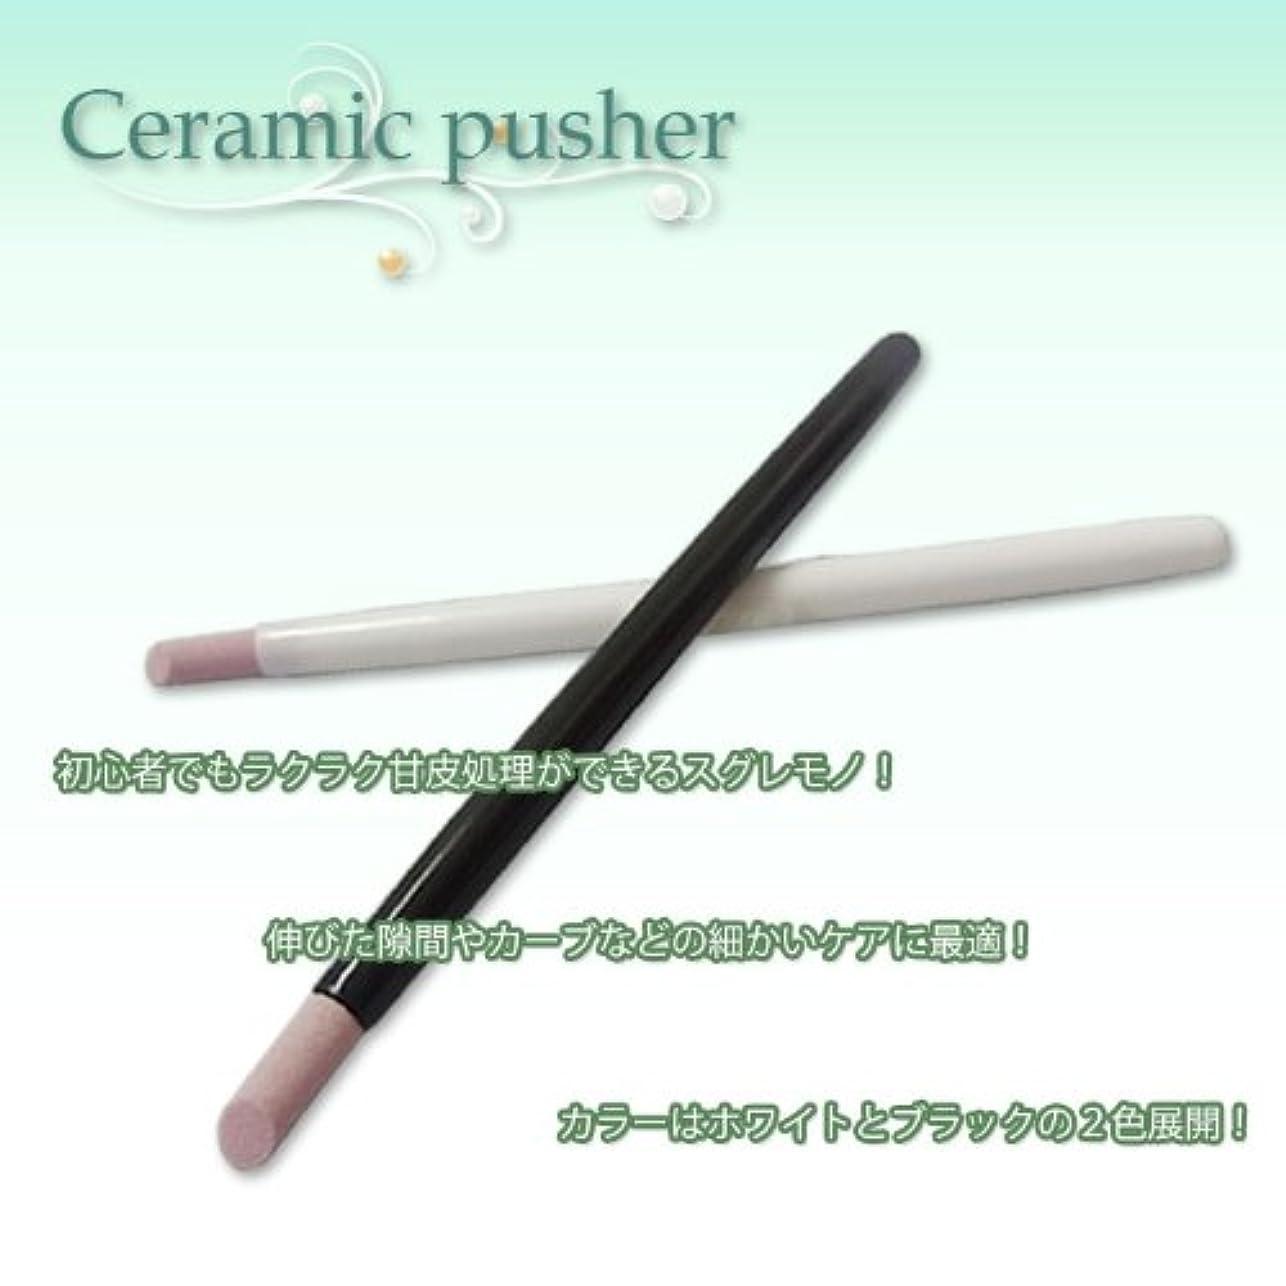 十分な有効設置【ジェルネイル】セラミックプッシャー〈 簡単便利なペンタイプ 〉全長140mm (ホワイト)